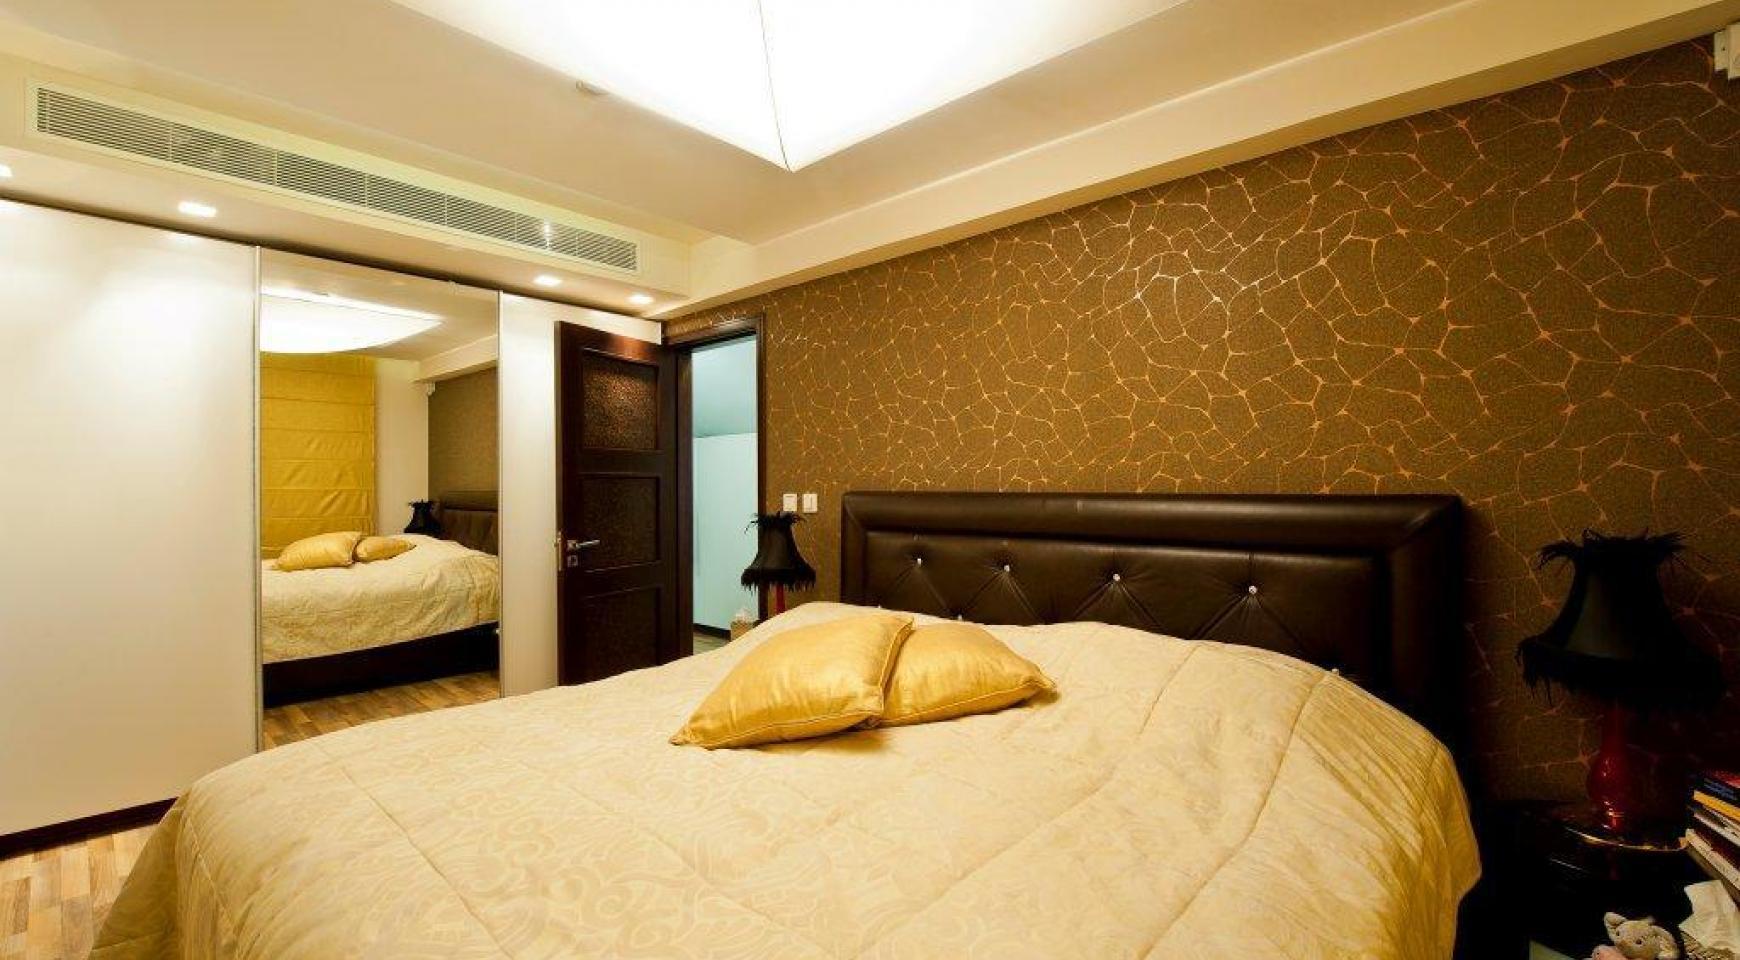 Эксклюзивный 3-Спальный Пентхаус в Центре Города - 27